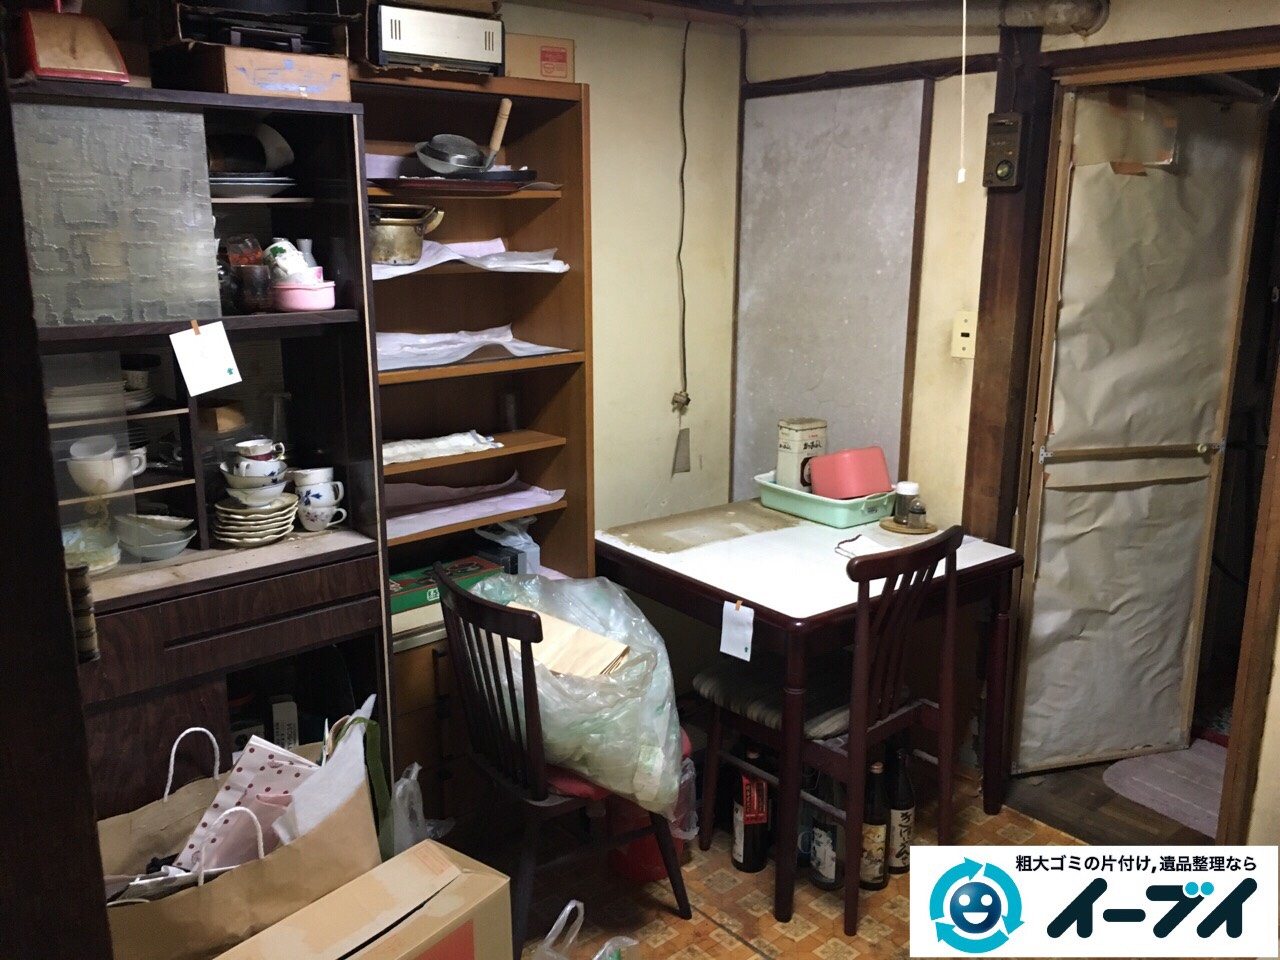 2017年1月29日大阪府門真市で遺品整理に伴い家具処分や生活用品の処分をしました。写真3